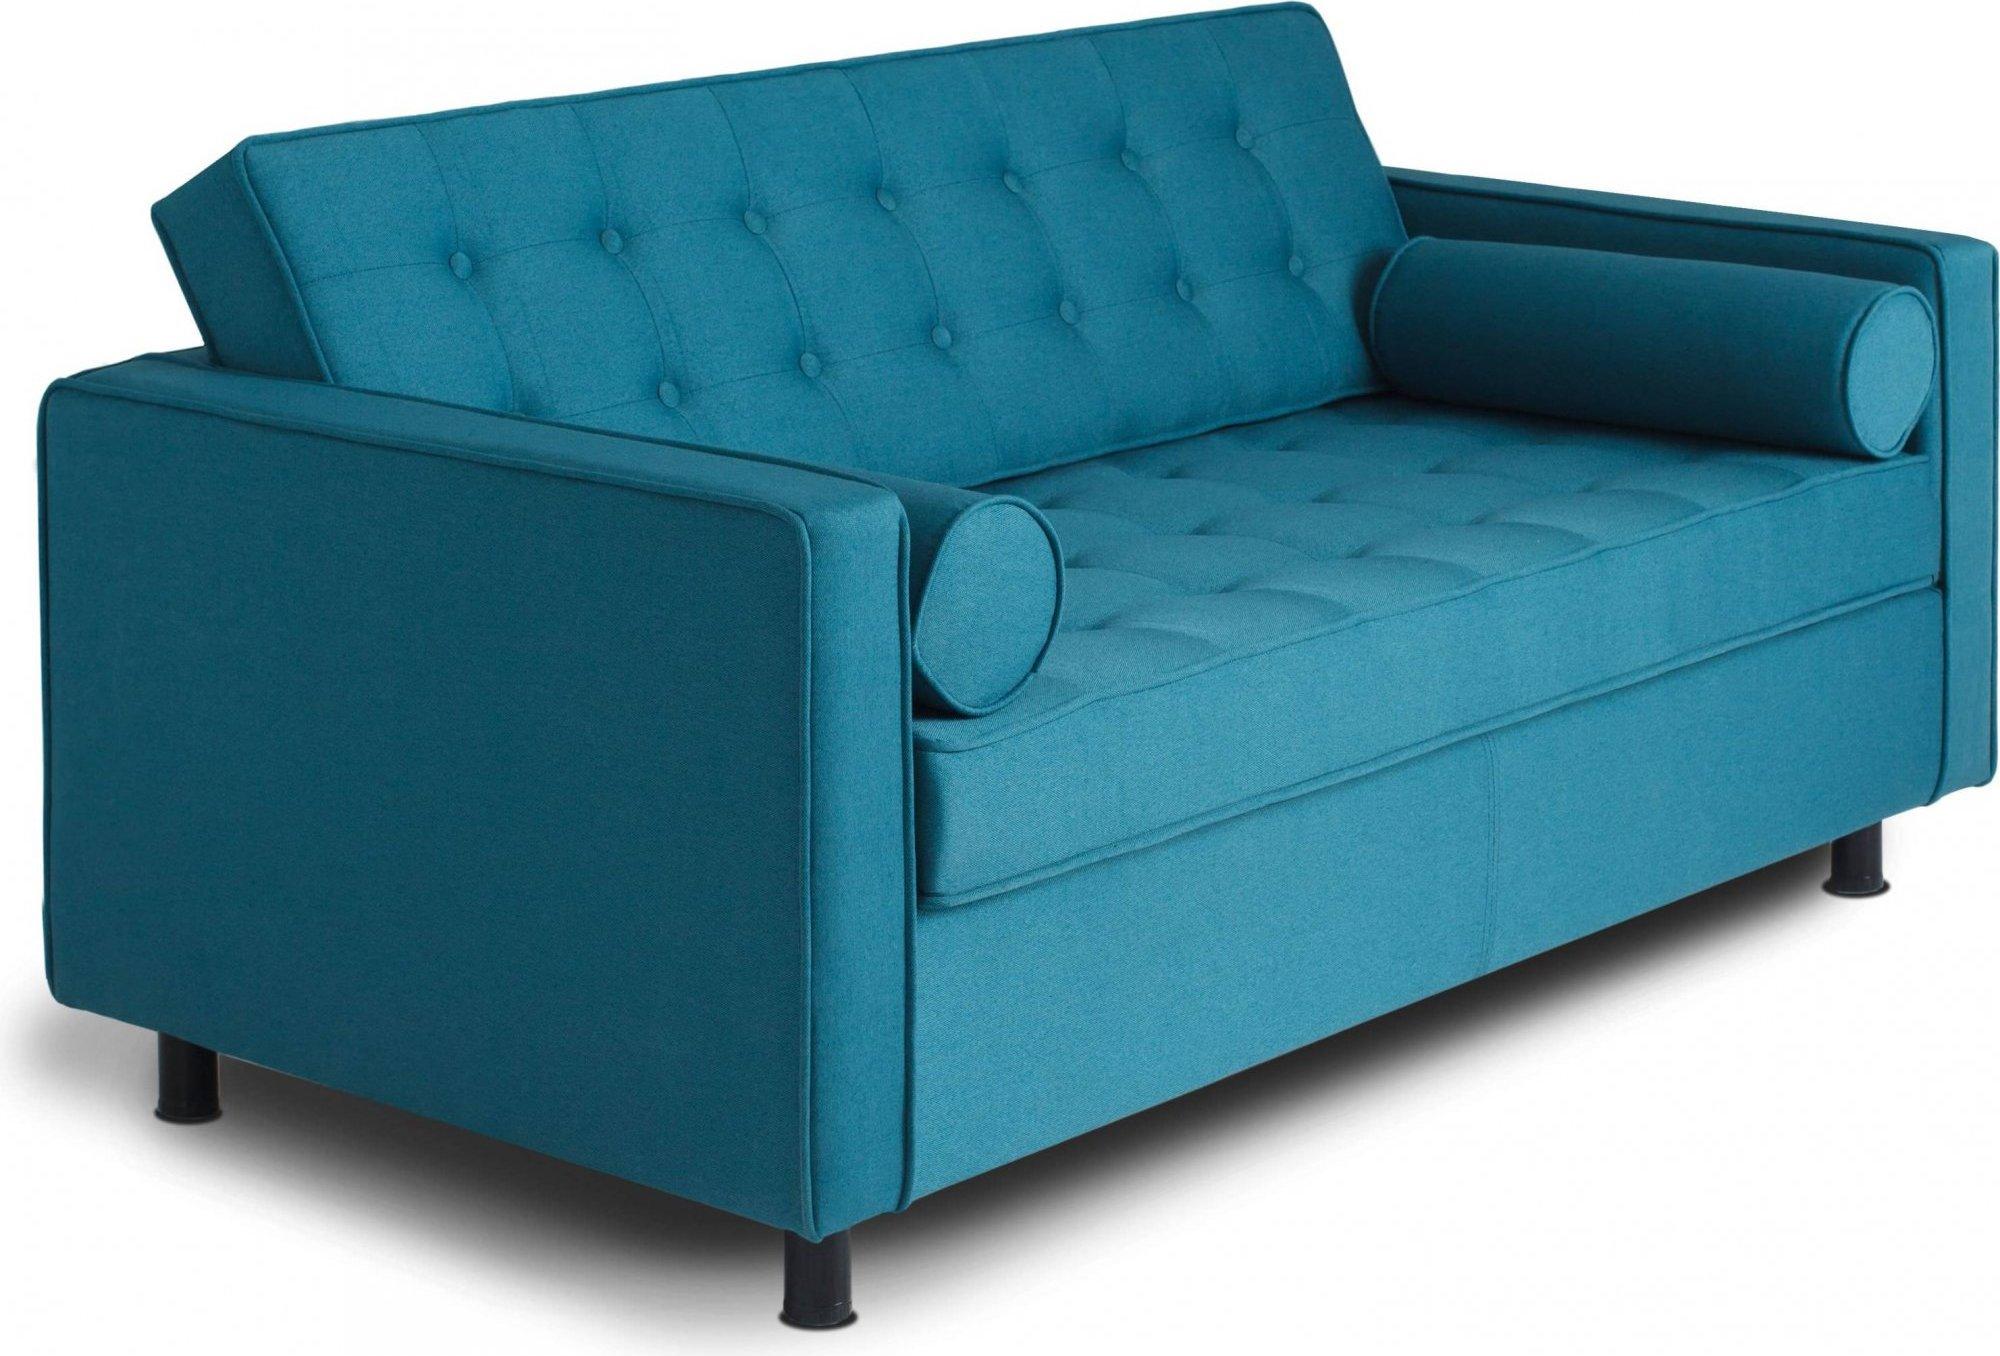 Canapé 2 places tissu bleu tropical h34cm